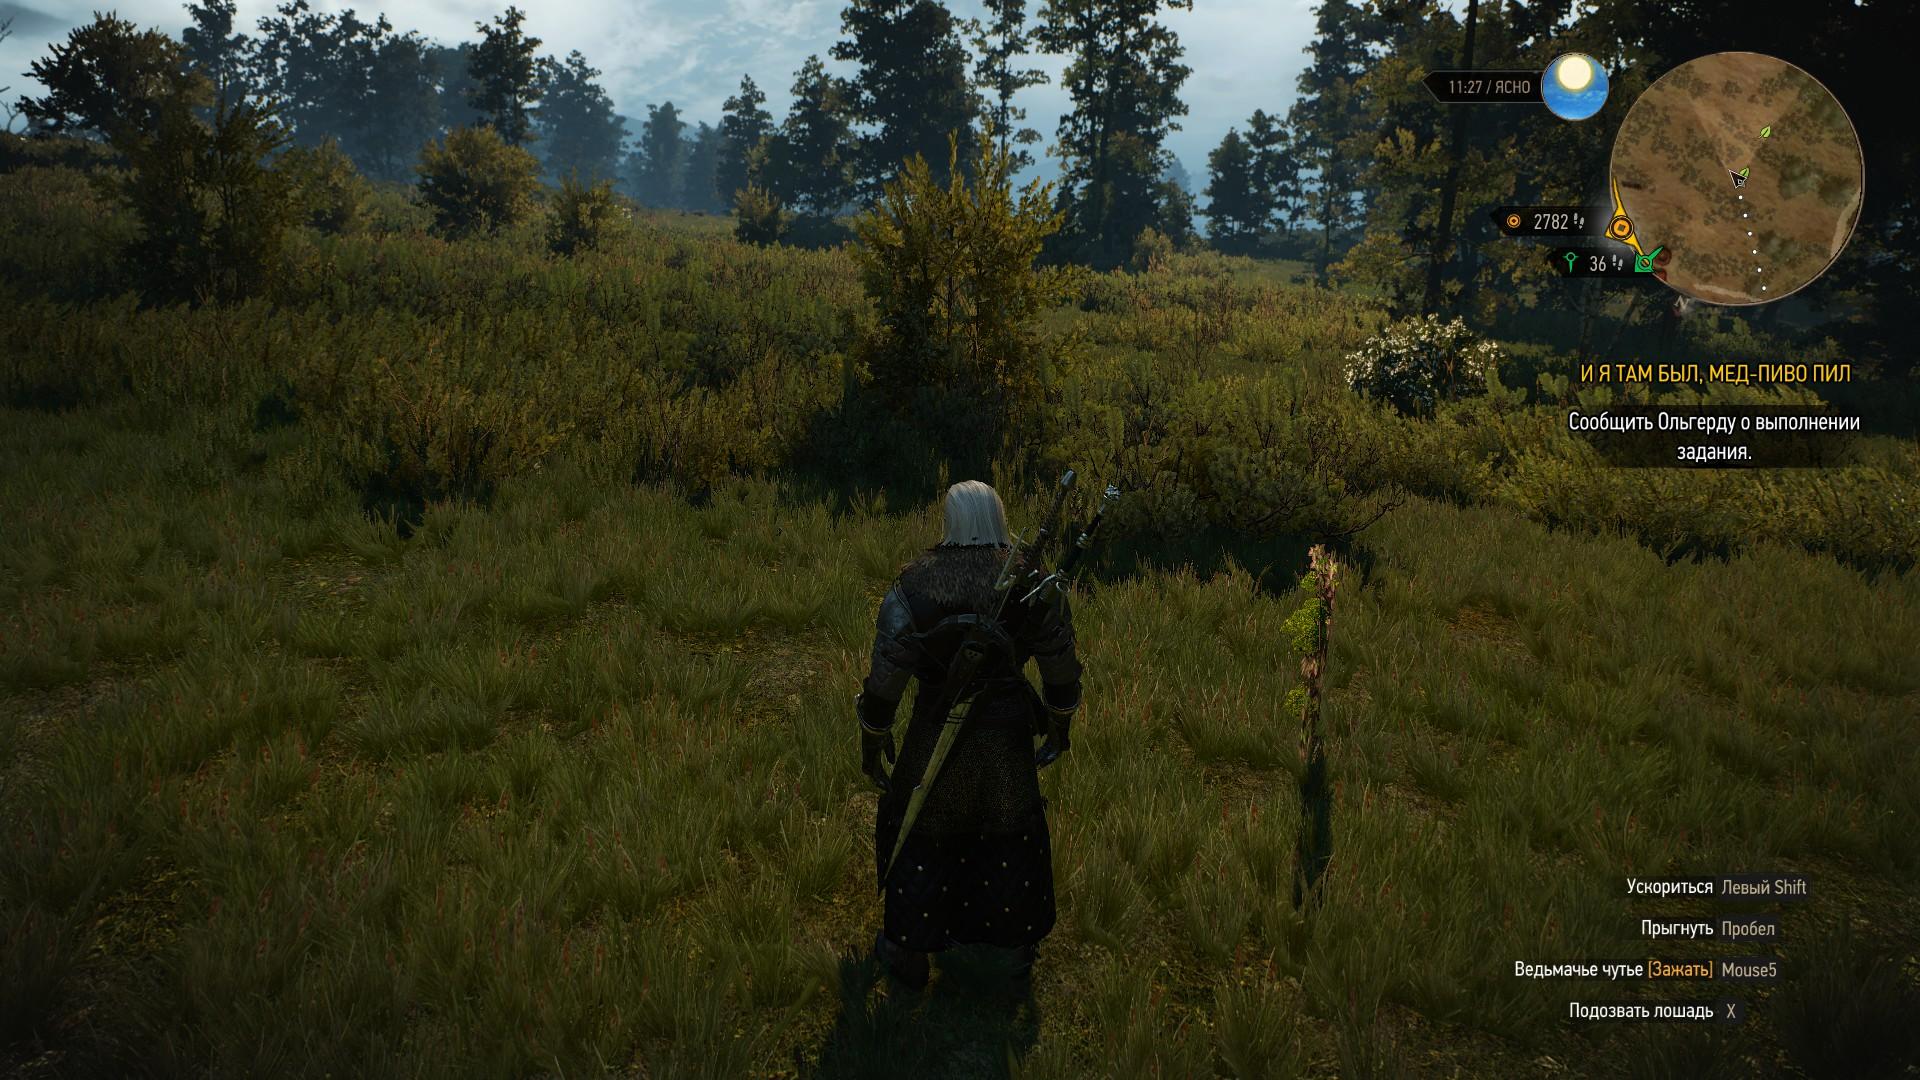 Кустик встал - Witcher 3: Wild Hunt, the Юмор